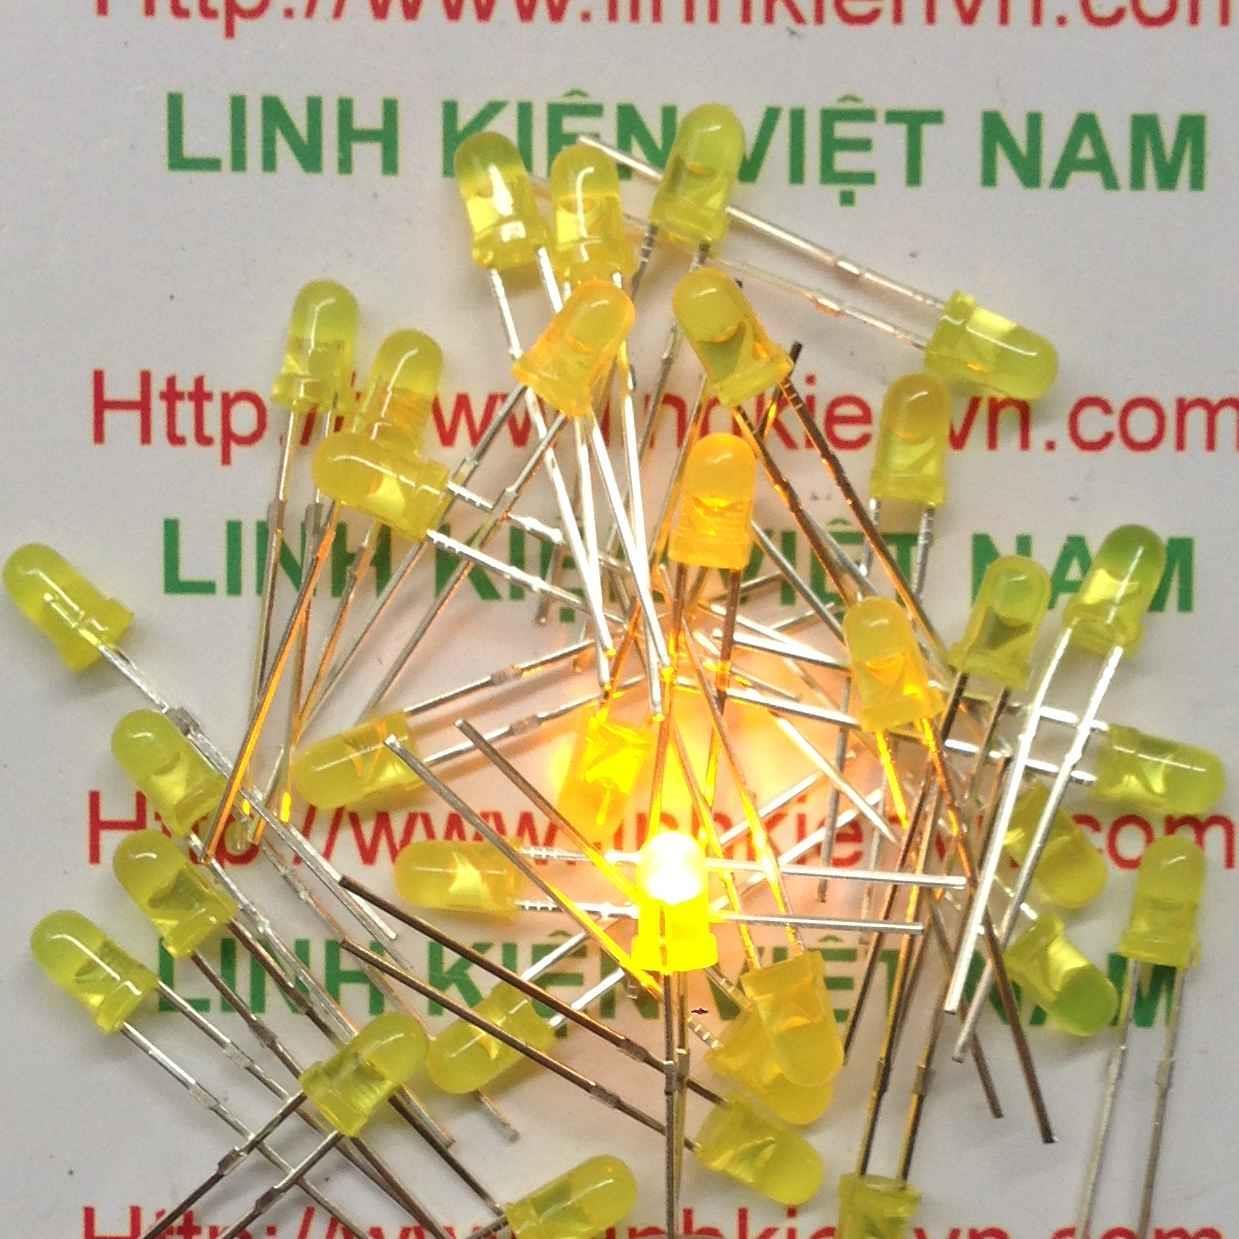 Led đơn 3mm Vàng gói 1000 con - A4H17 (KA2H1)